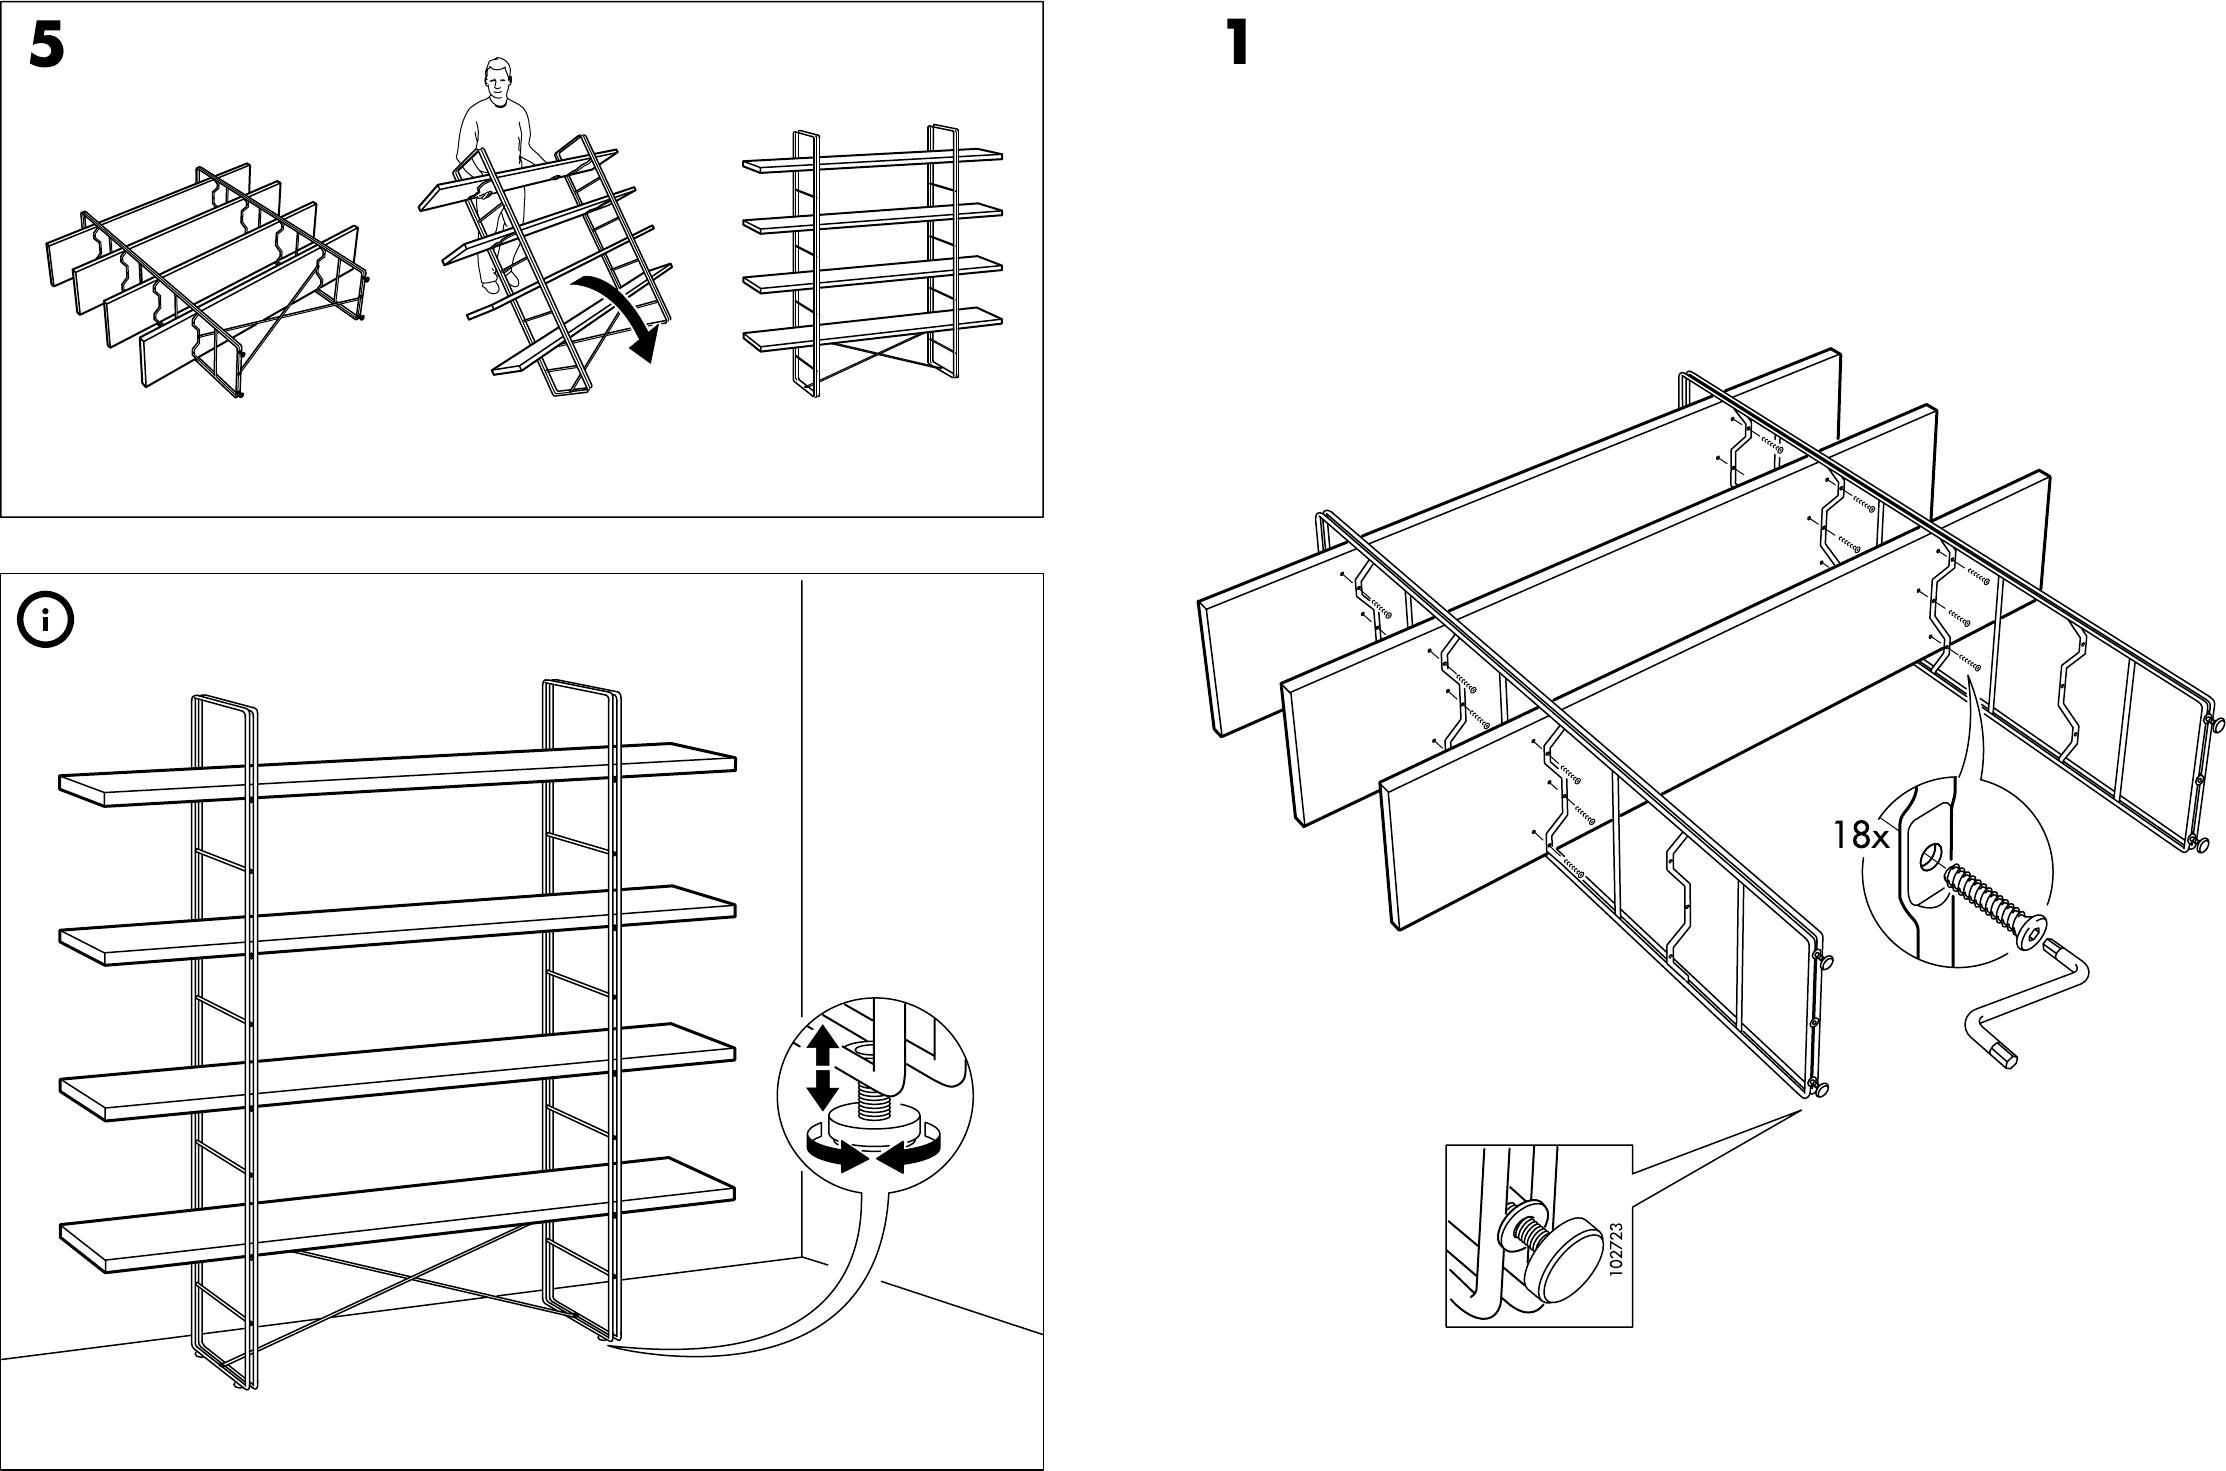 bedienungsanleitung ikea enetri open kast seite 3 von 4 d nisch deutsch englisch spanisch. Black Bedroom Furniture Sets. Home Design Ideas